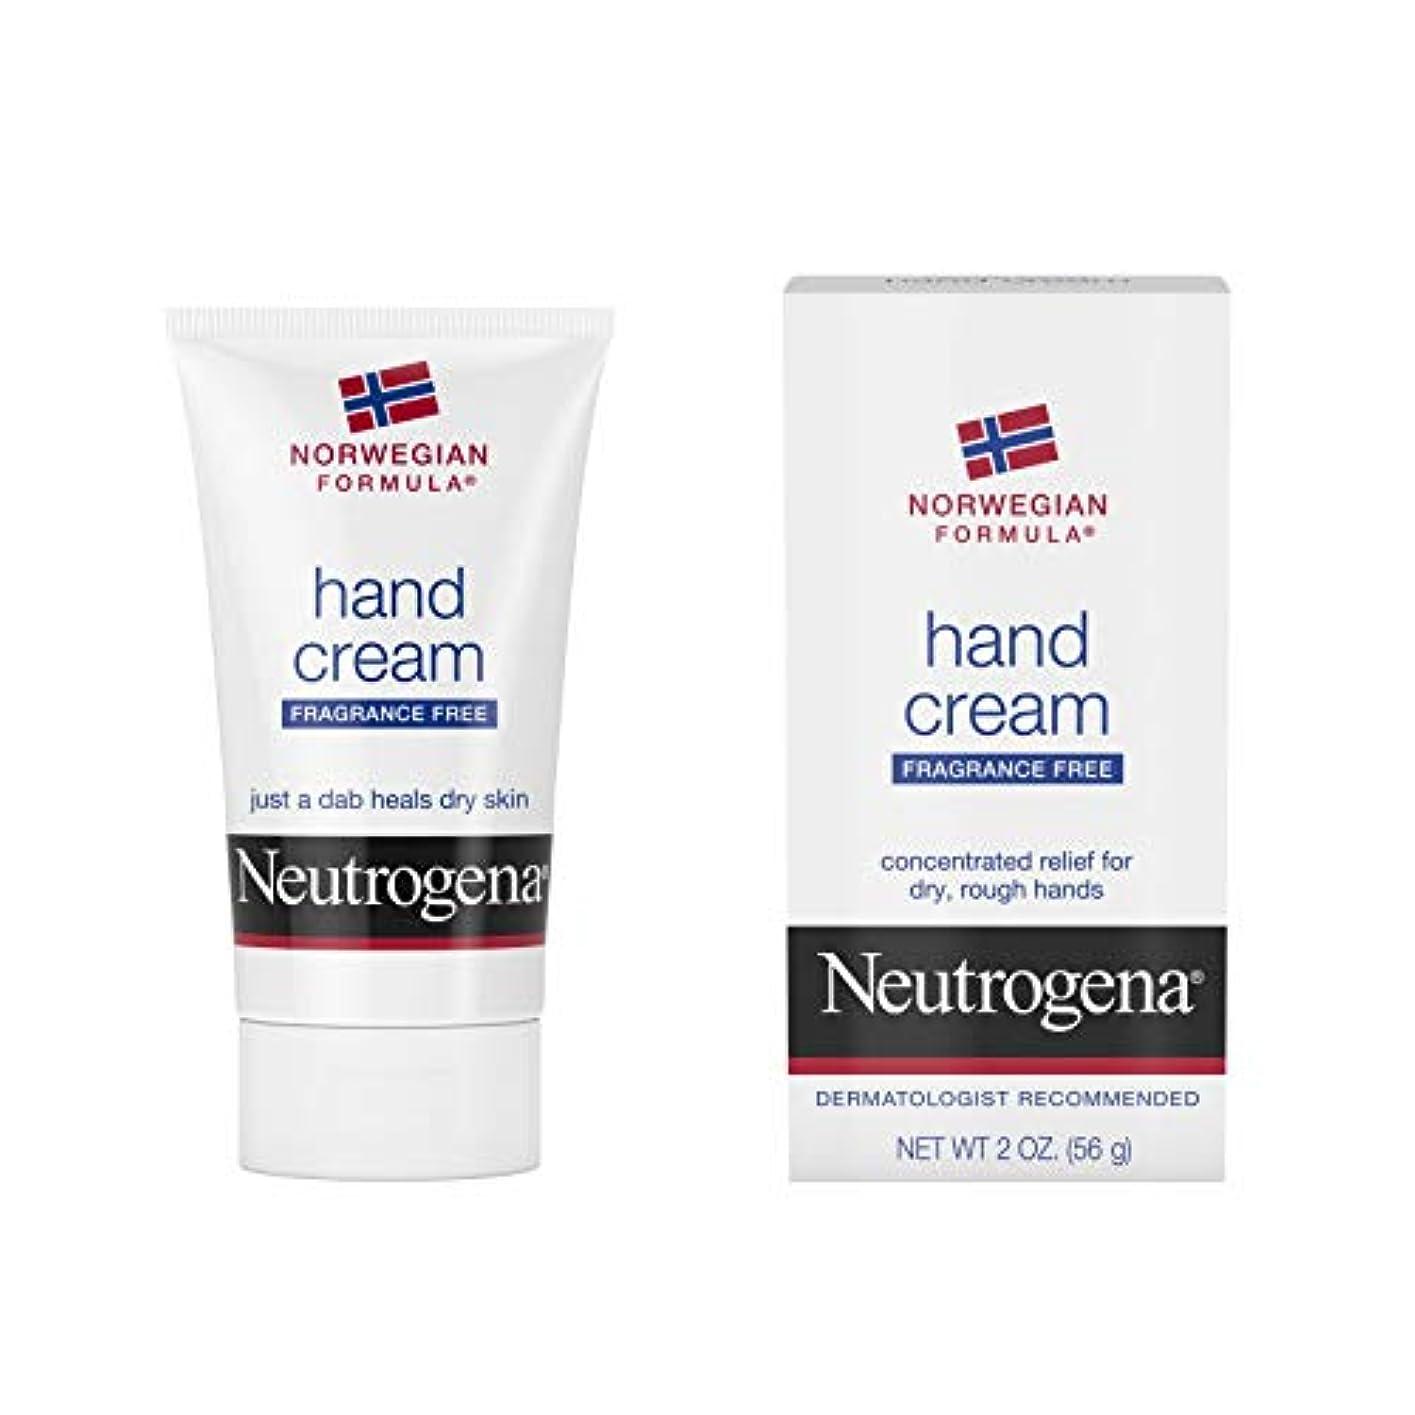 目指す写真湿地Neutrogena Norwegian Formula Hand Cream Fragrance-Free 60 ml (並行輸入品)